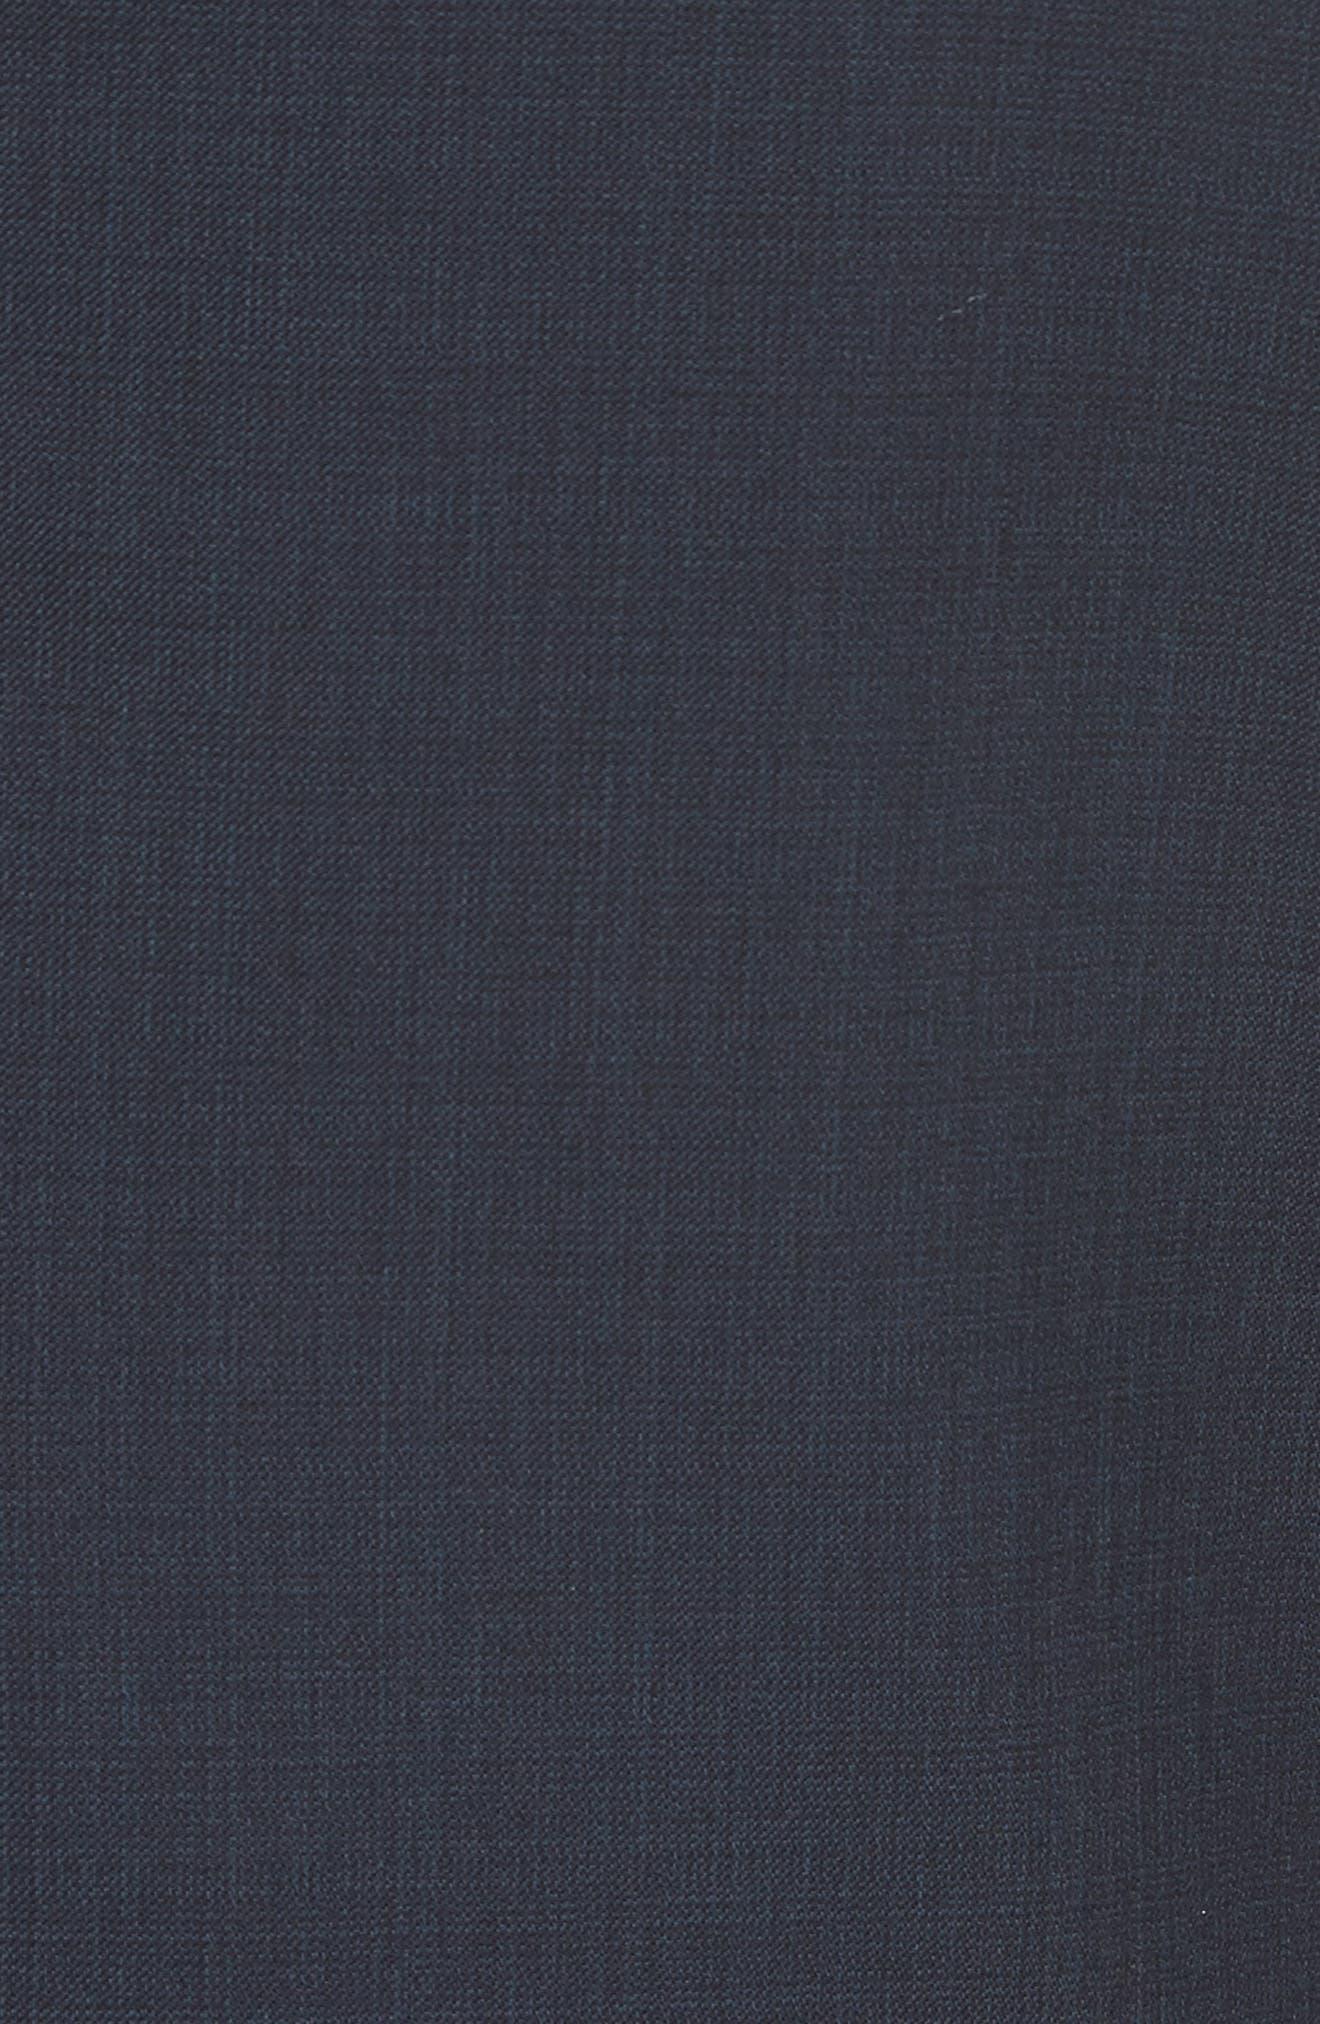 Trim Fit Sharkskin Wool Suit,                             Alternate thumbnail 14, color,